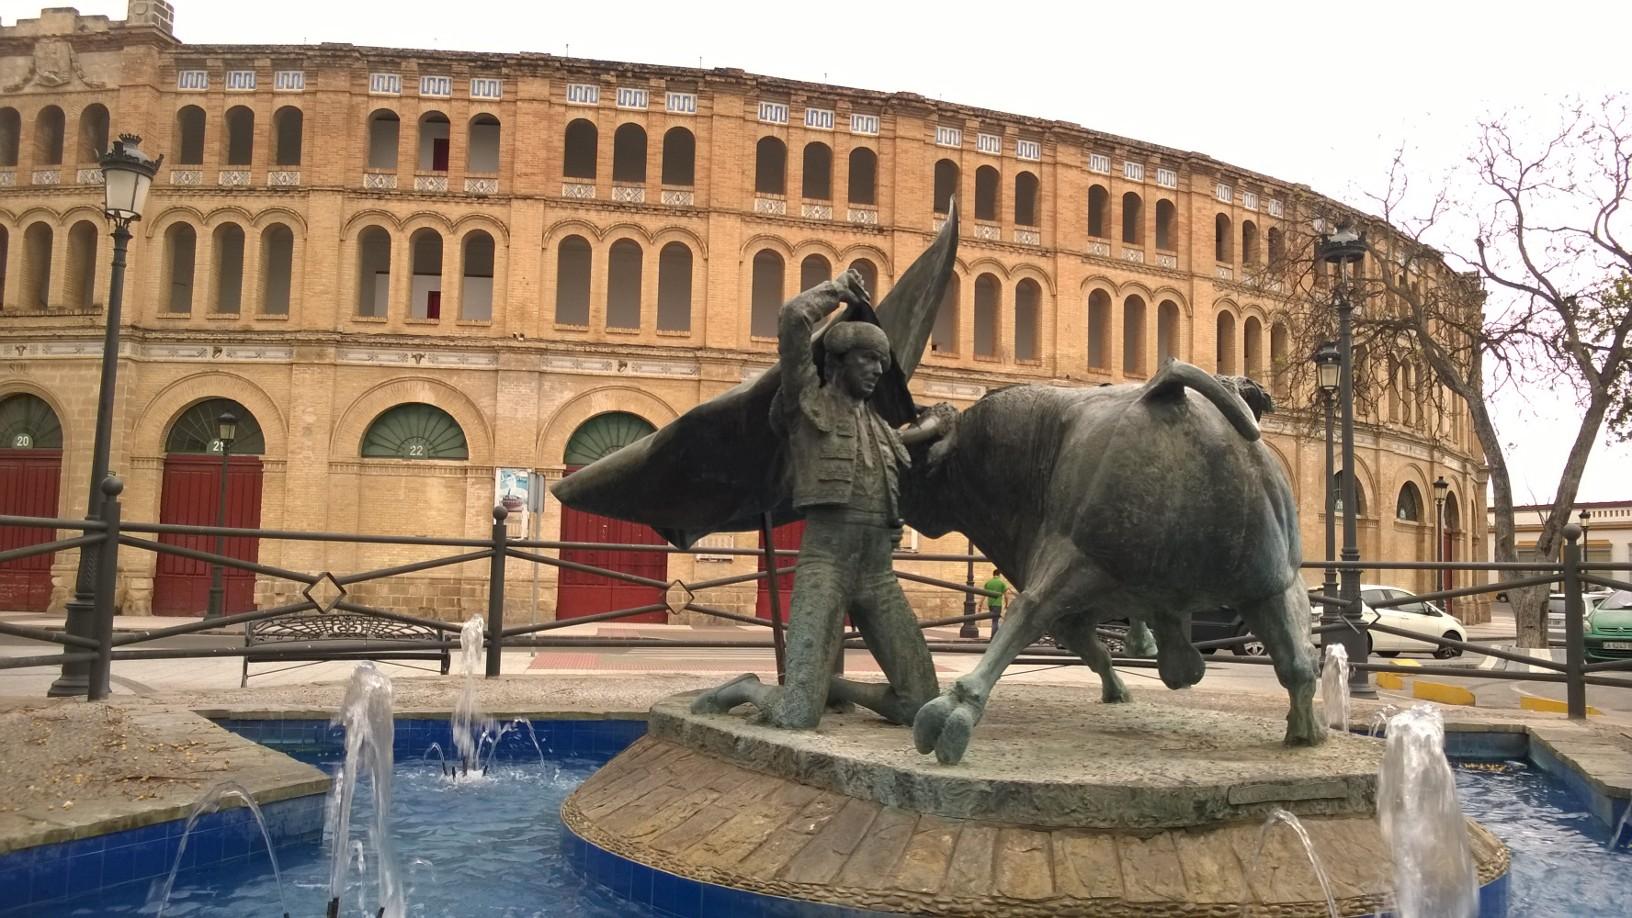 Monumento al torero junto a la plaza de toros